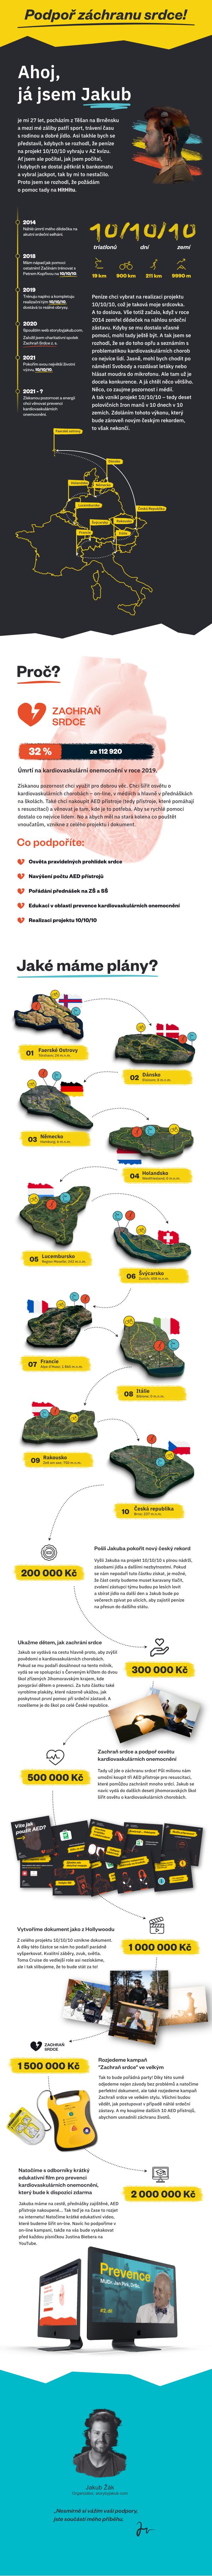 Story by Jakub - 10 triatlonů v 10 zemích za 10 dnů. Podpoř záchranu srdce.